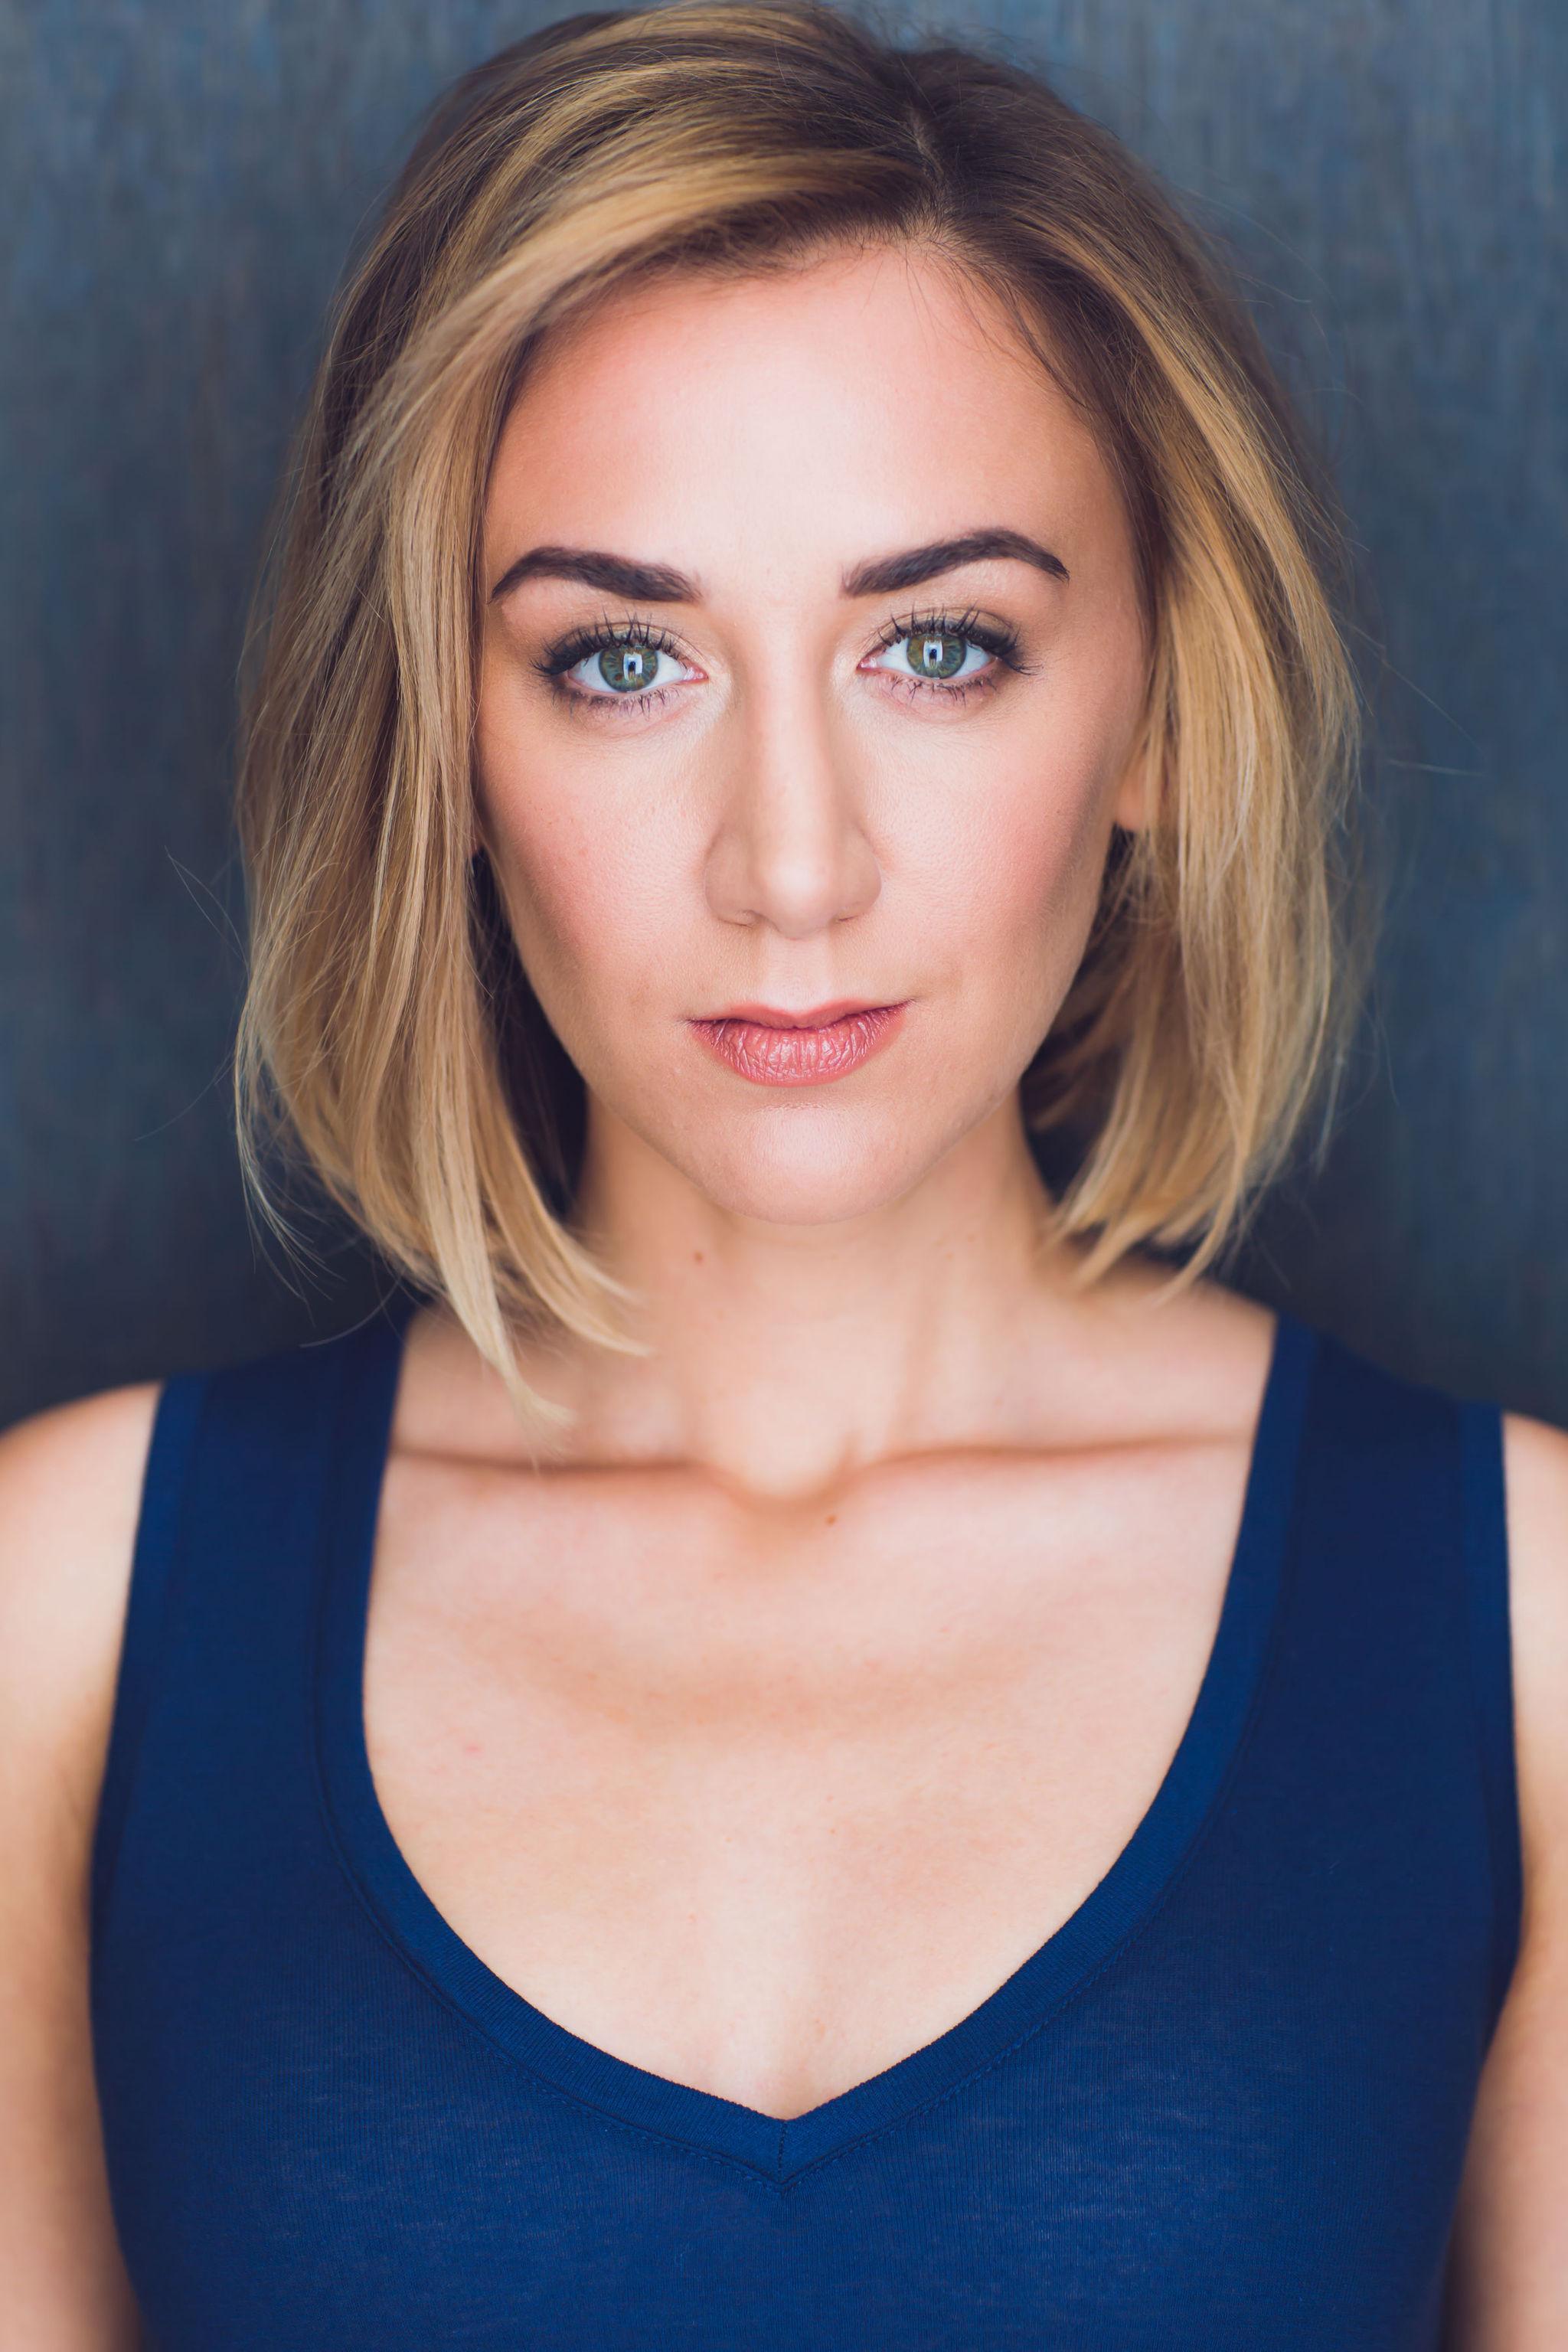 Sarah Keyes